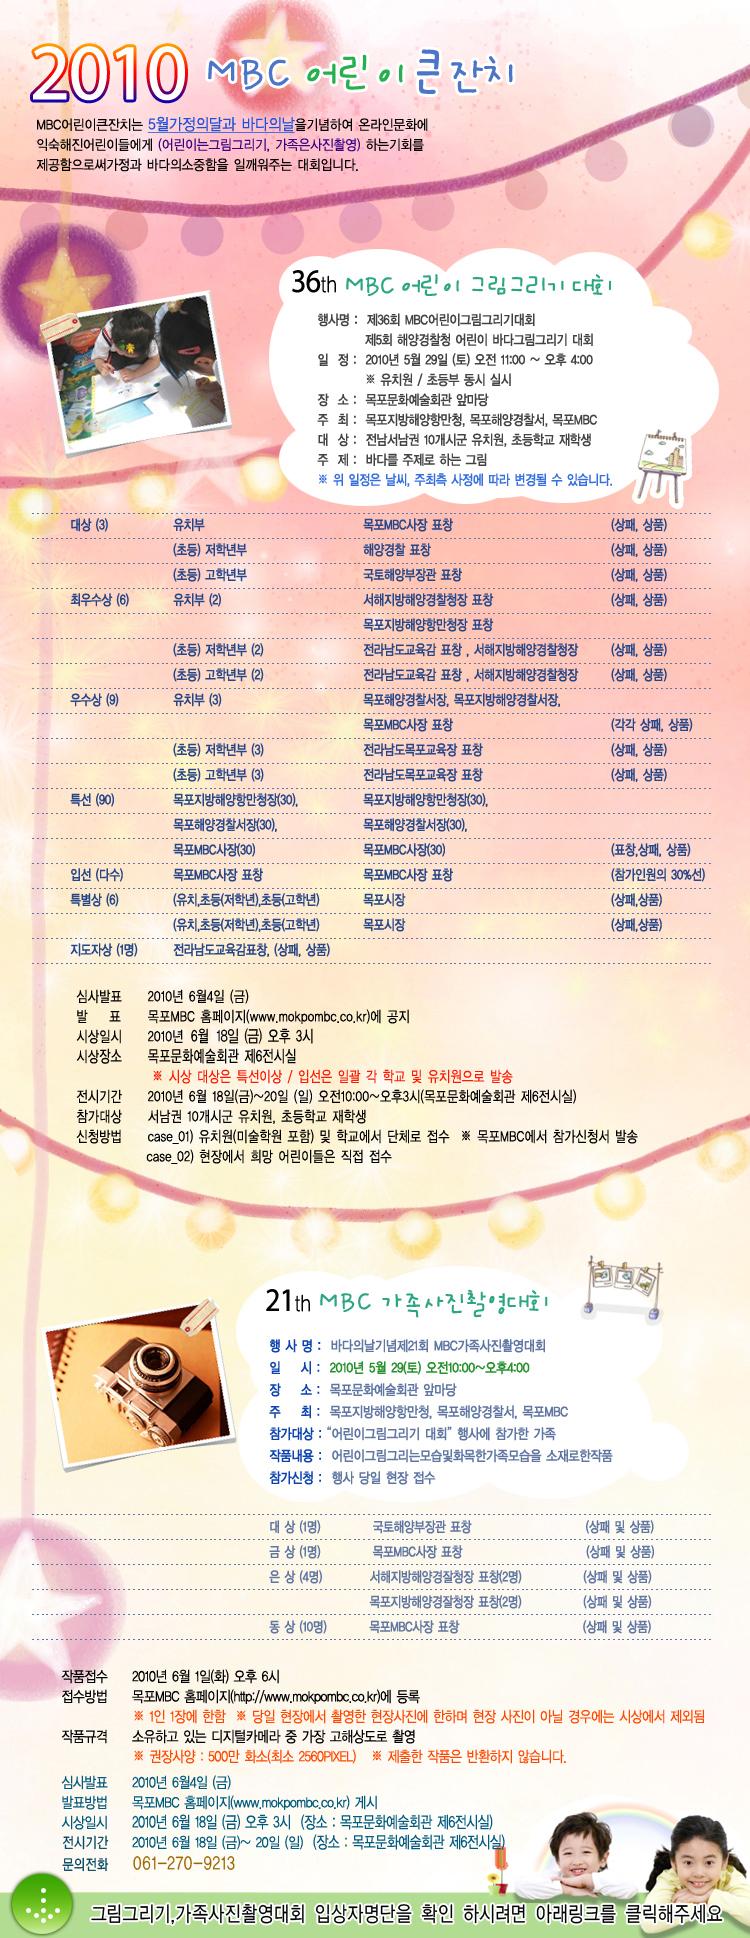 2010 MBC 어린이 큰잔치 (어린이는 그림그리기, 가족은 사진촬영) 행사정보